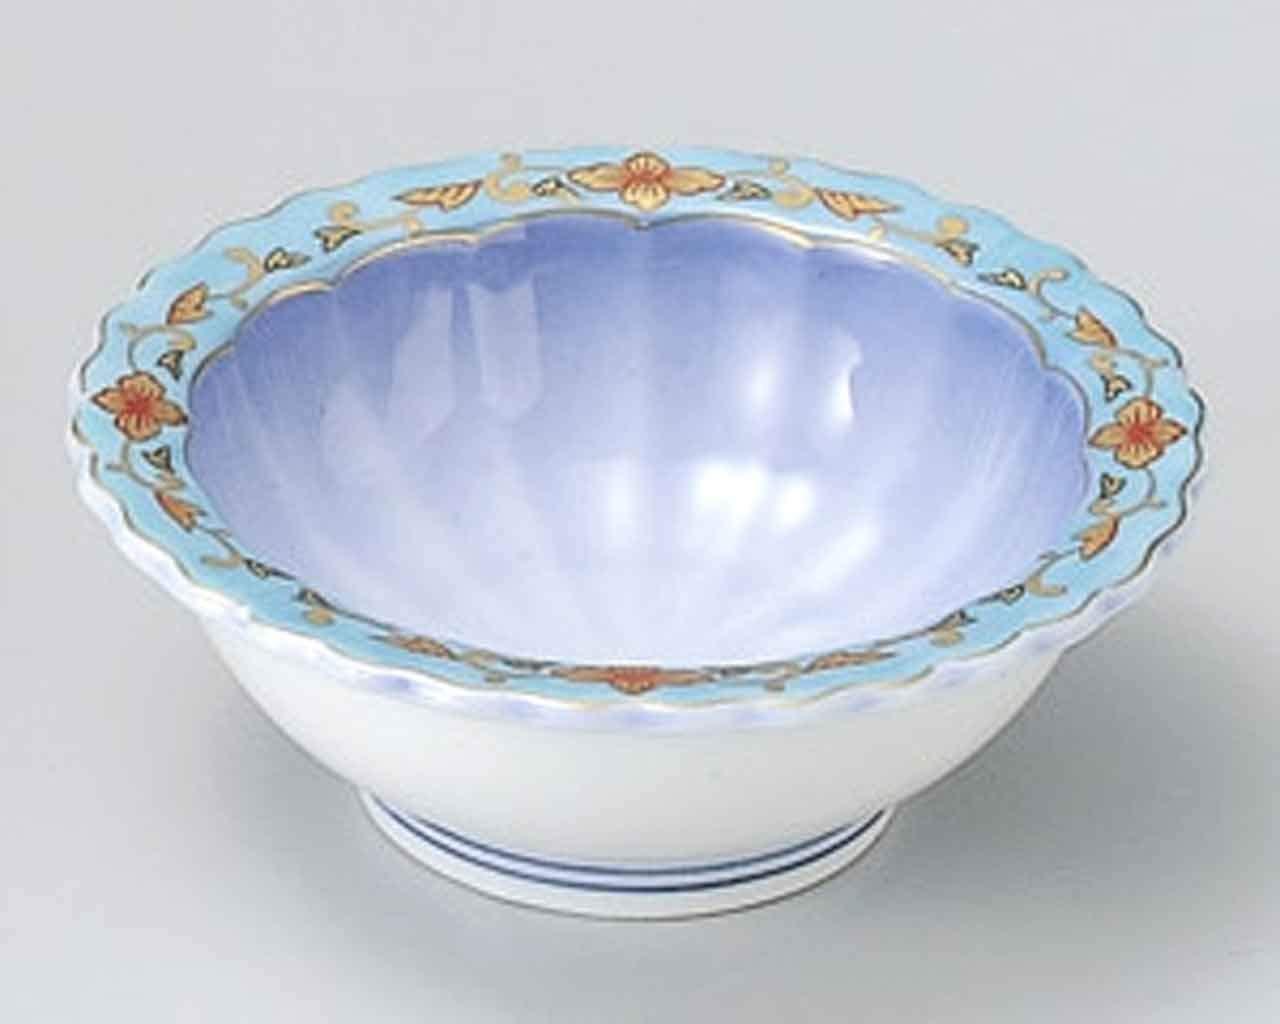 Kohshi Karakusa 3.4inch Set of 2 Small Bowls White porcelain Made in Japan